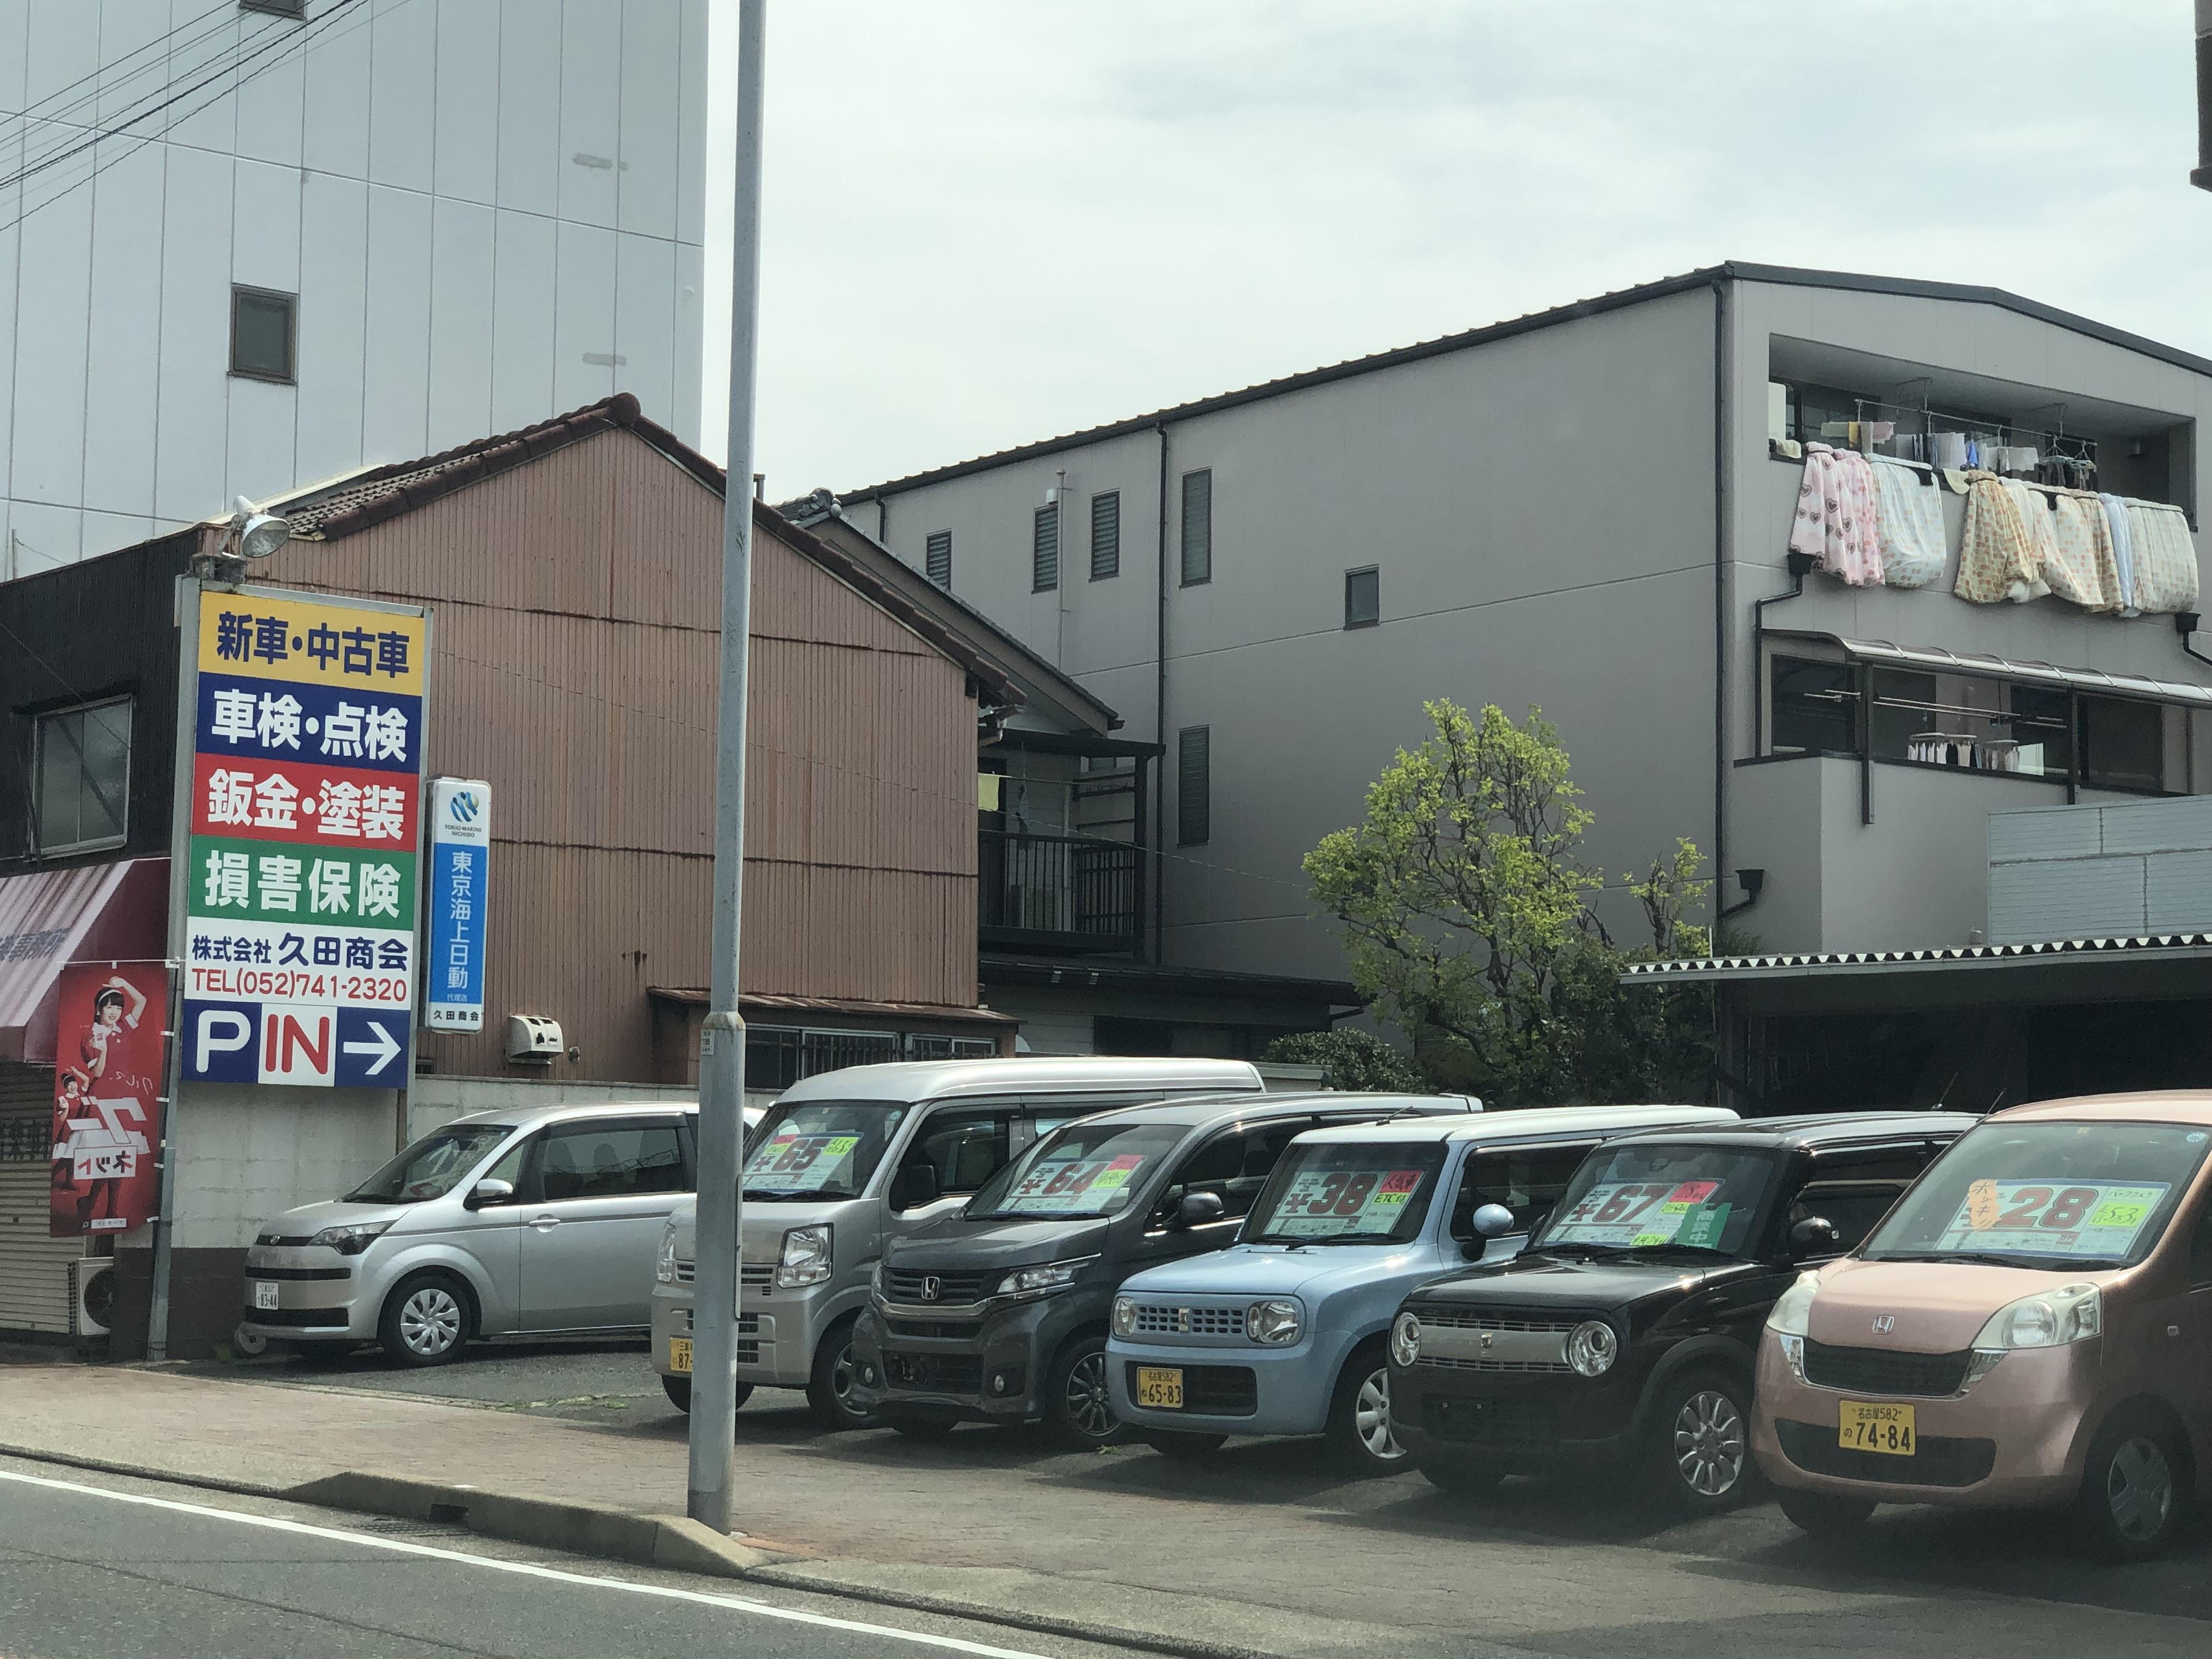 寿司屋の開業資金と黒字経営に成功するコツまとめ